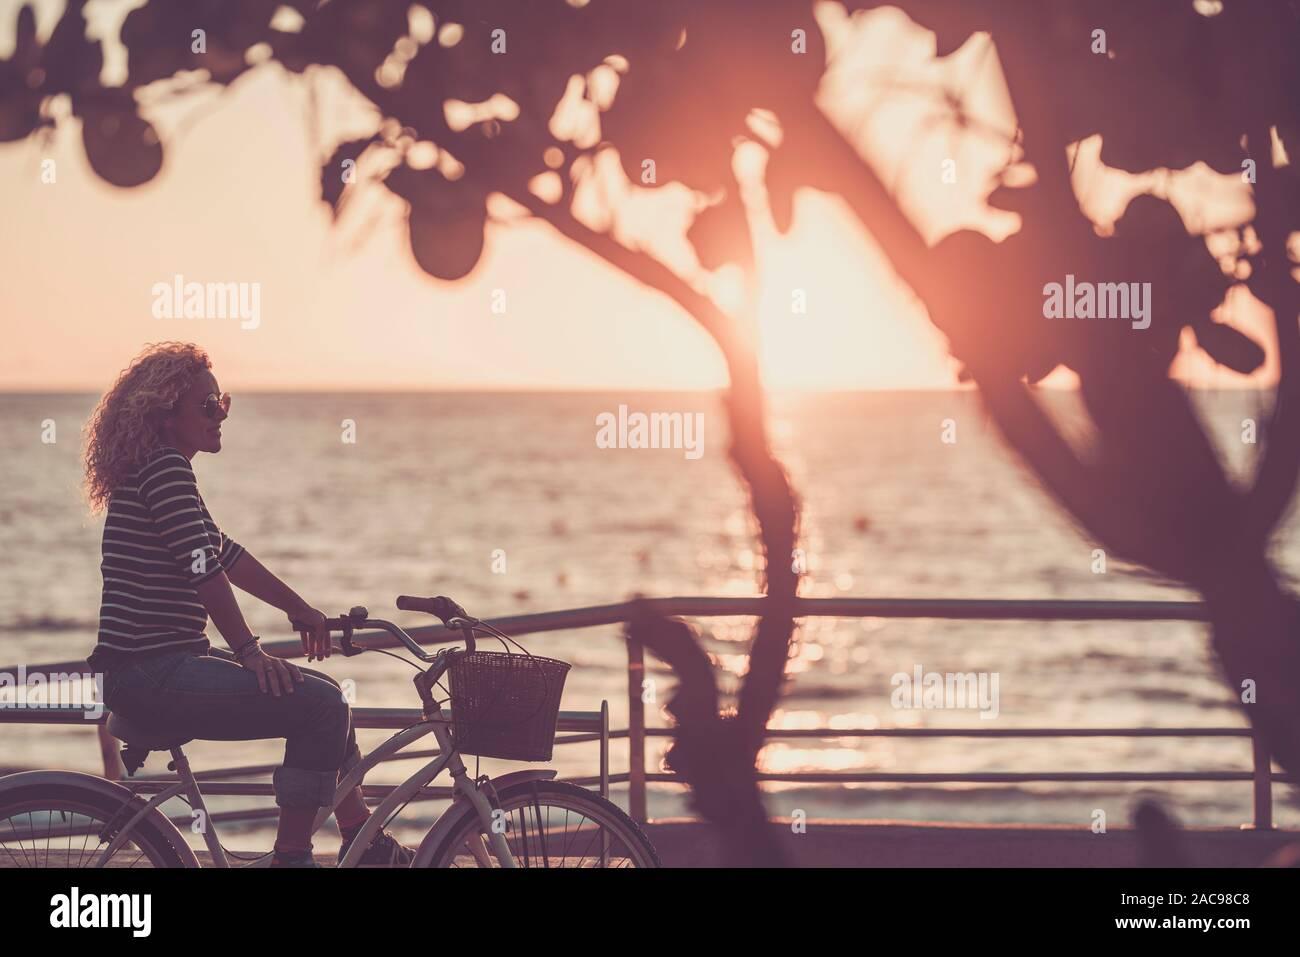 Belle femme de race blanche adultes avec des cheveux blonds pour le coucher du soleil avec vue sur la mer de l'océan sur un vélo à la mode vintage - activité de loisirs et de plein air Banque D'Images